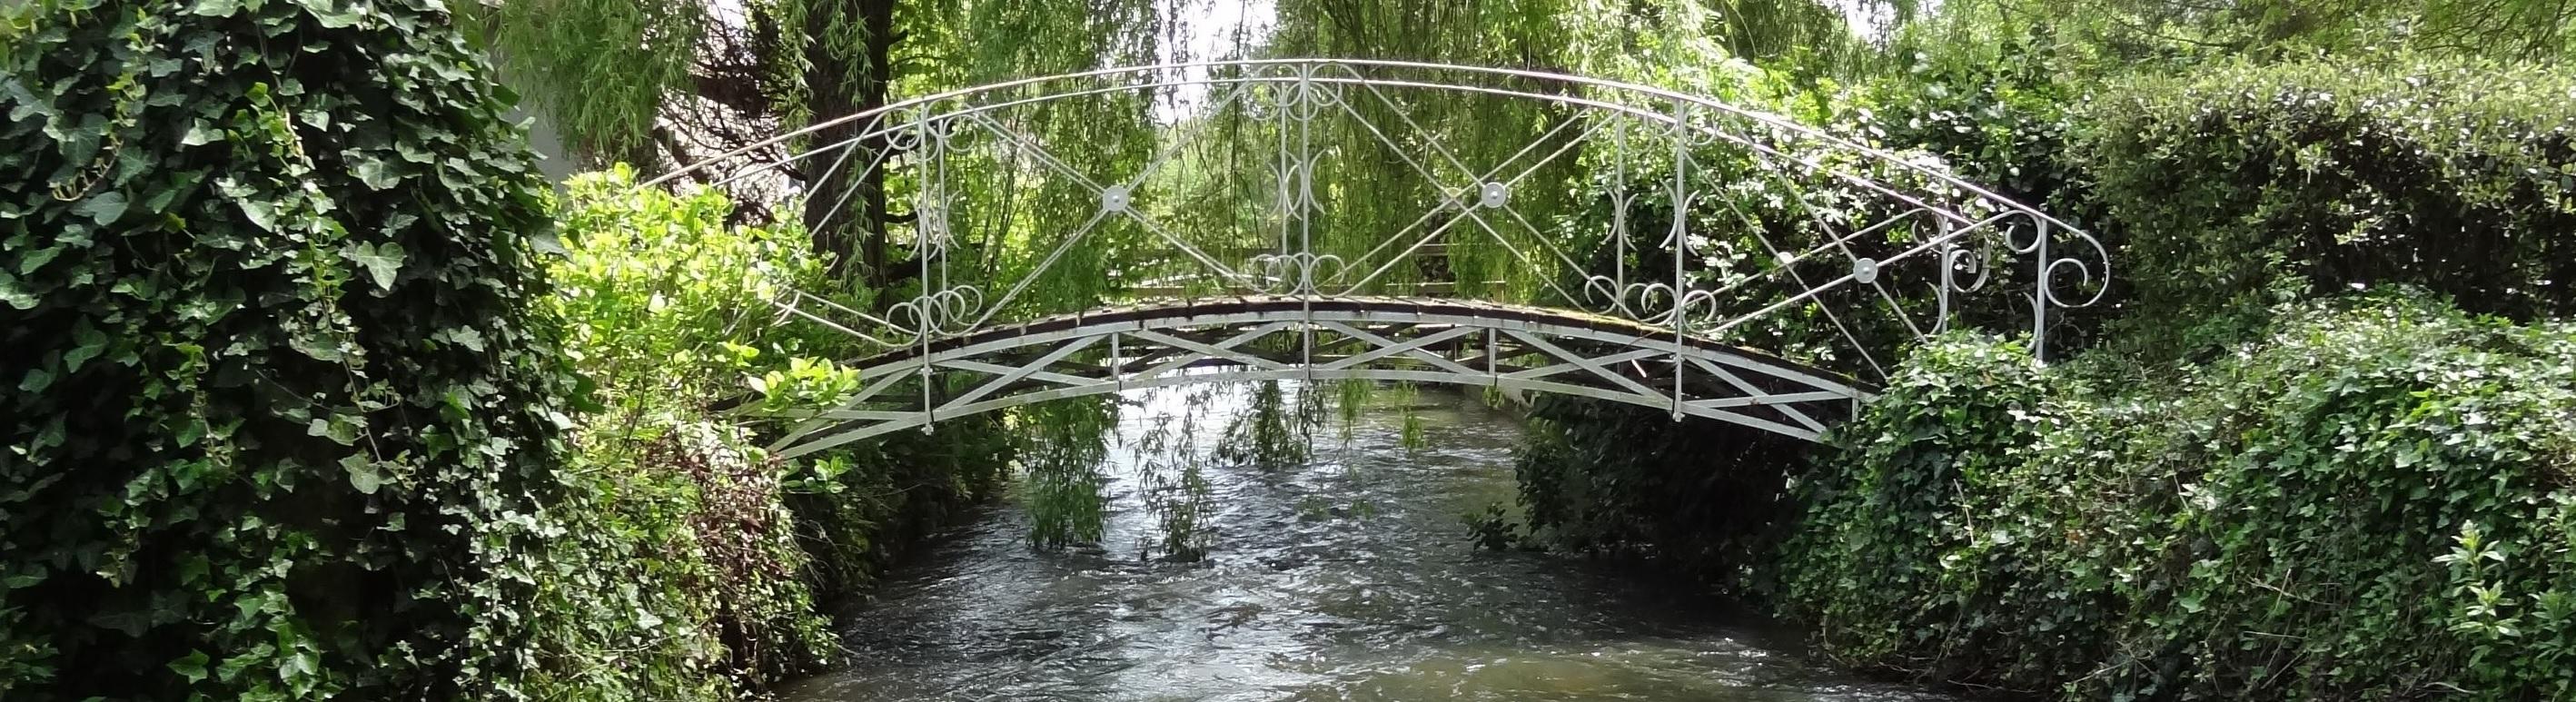 rivière claire qui passe souqs un pont en fer forgé